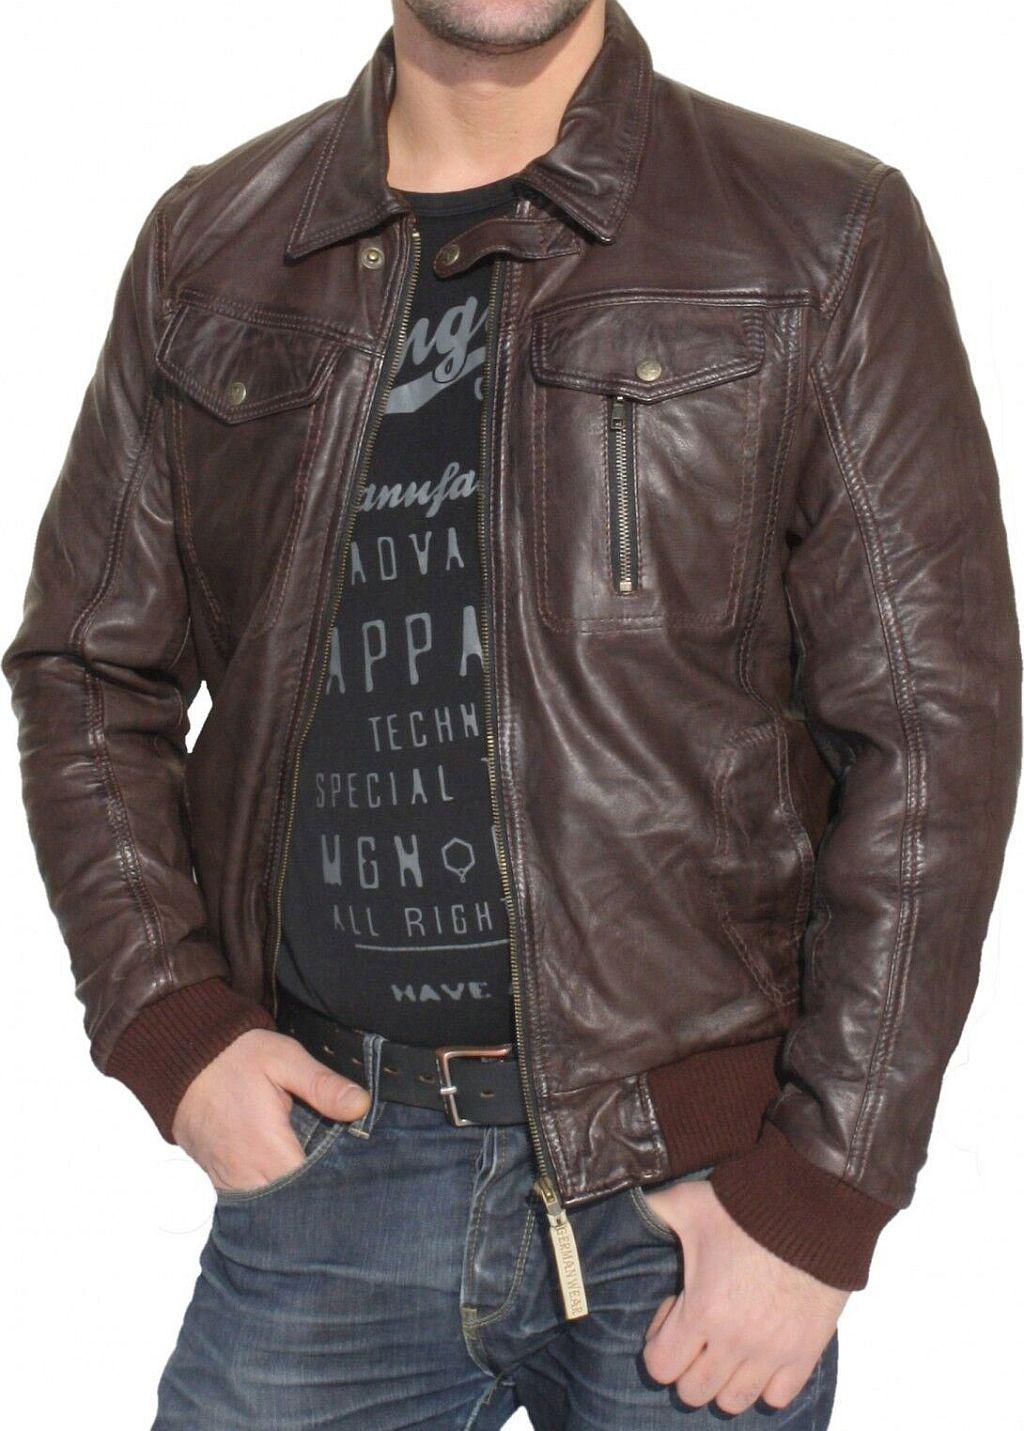 Herren Lederjacke Leder Jacke aus Lamm Nappa Leder dunkelbraun M - 5 XL